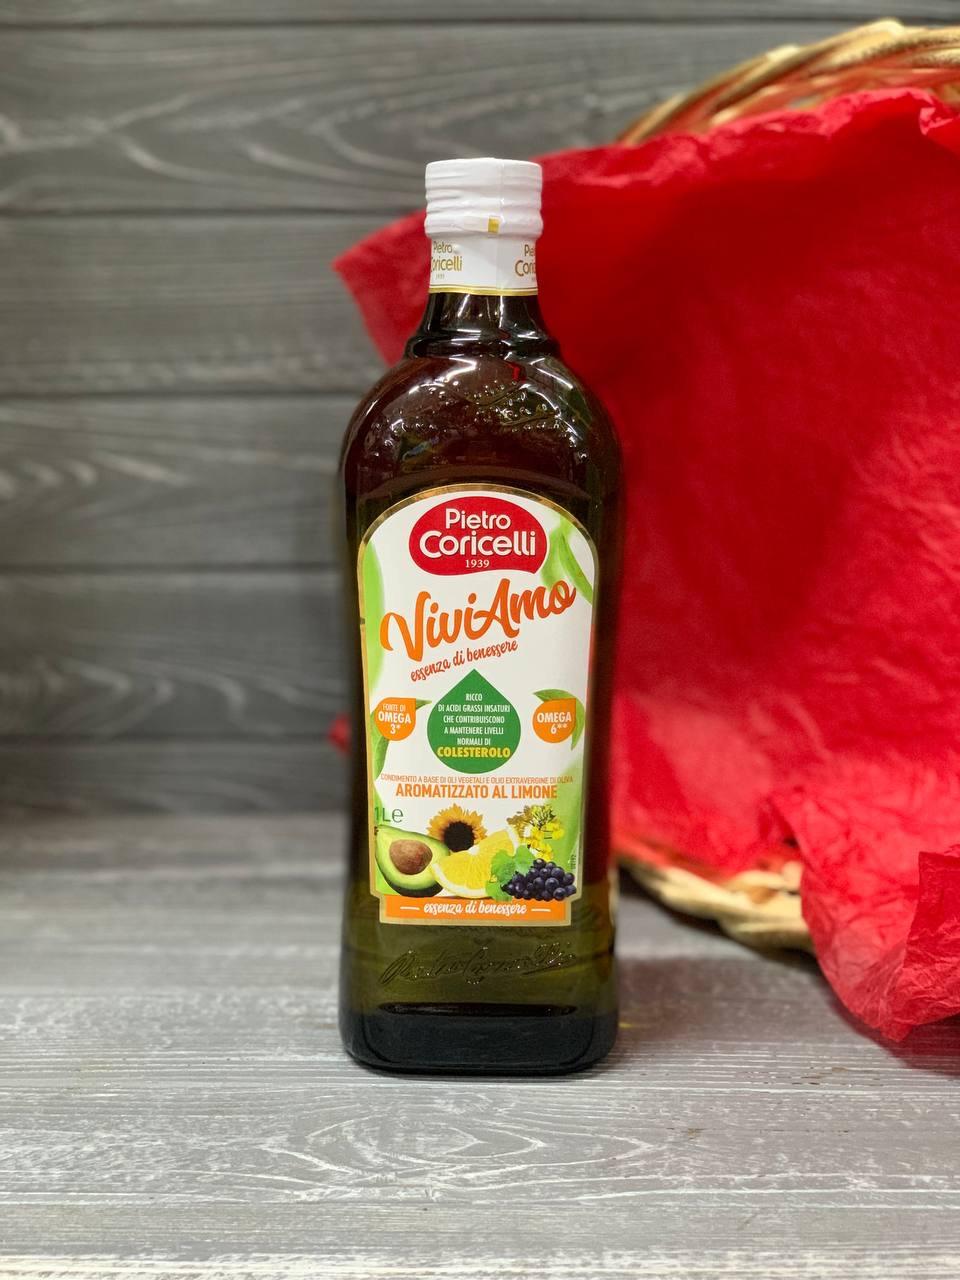 Олія (суміш олій з лимоном) Pietro Coricelli ViviAmo